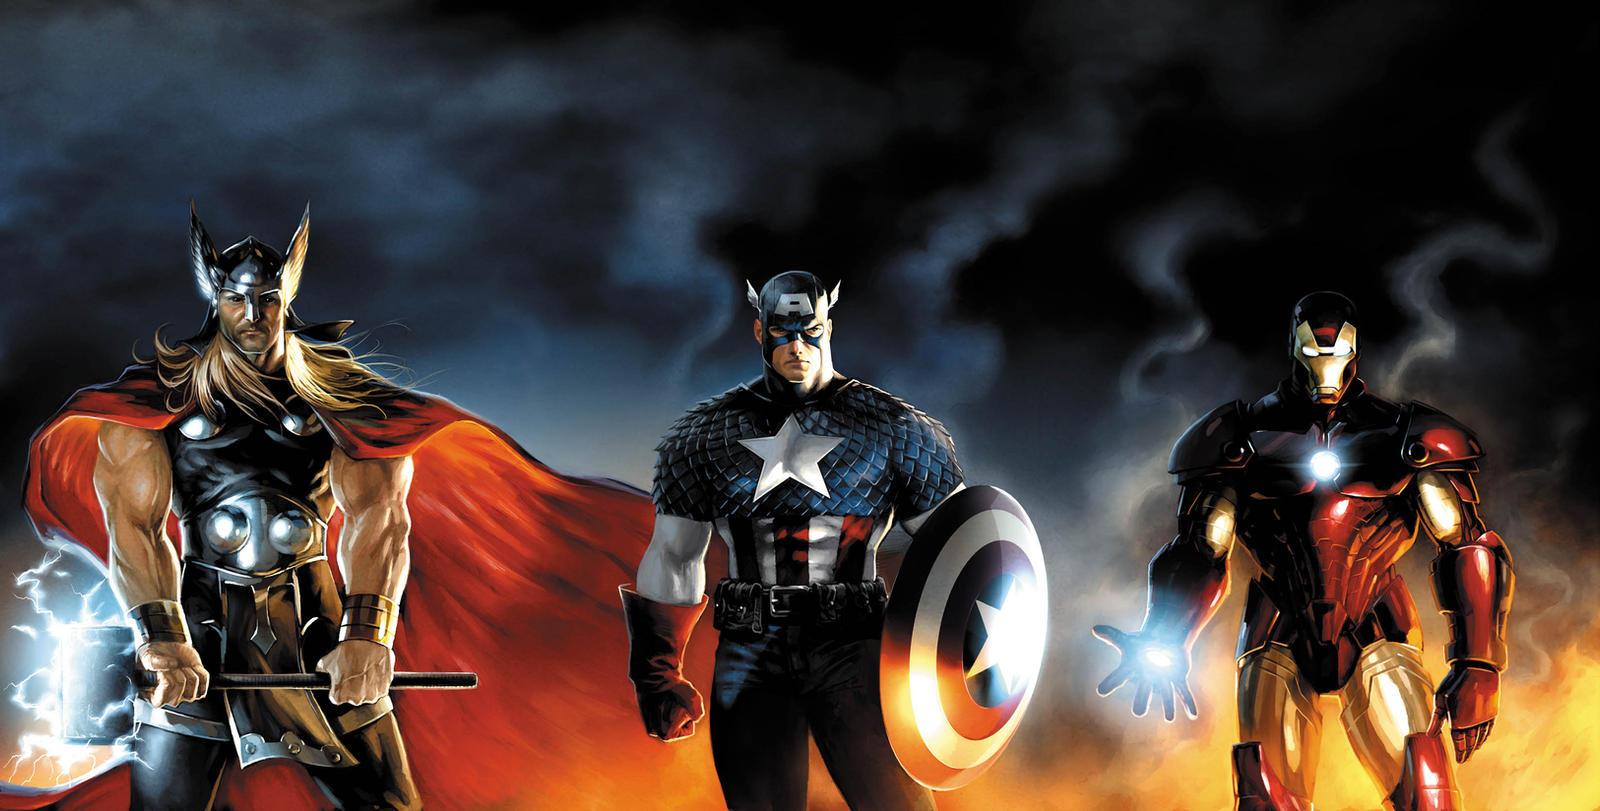 Avengers by JPRart